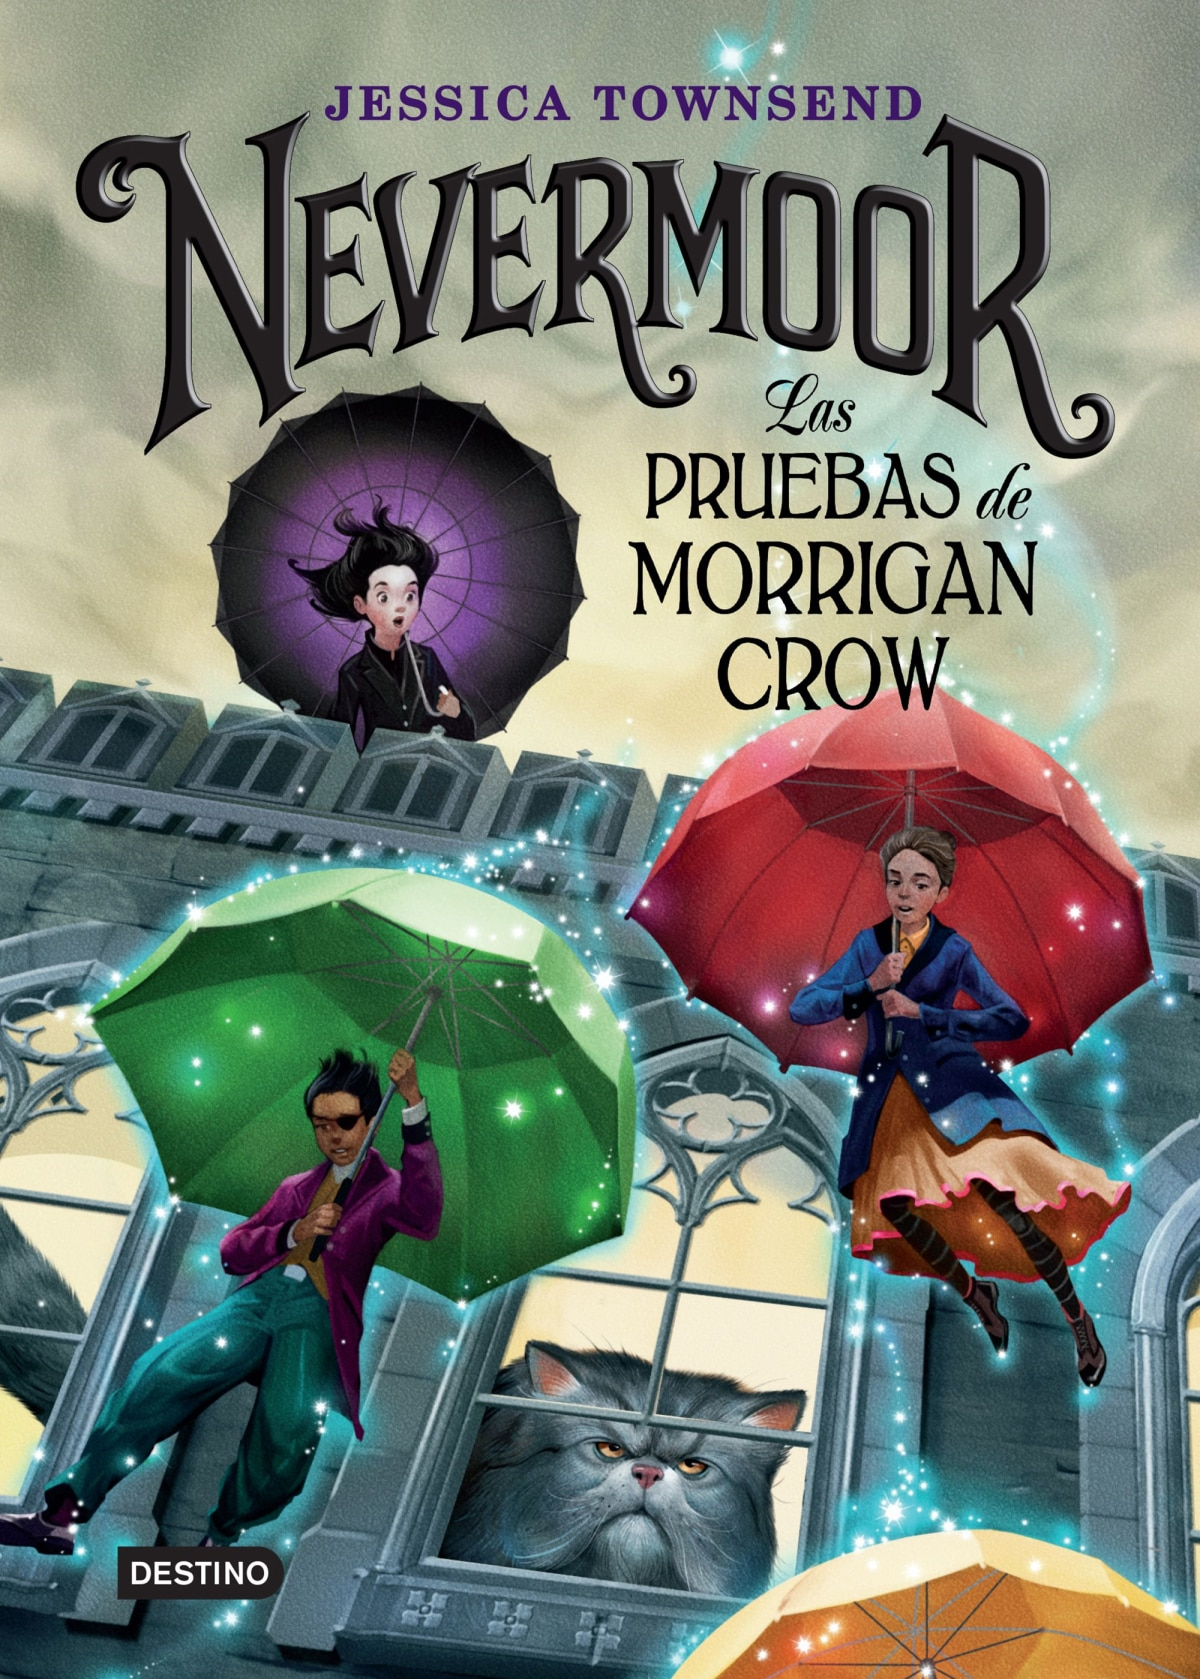 Nevermoor. Las pruebas de Morrigan Crow (Edición mexicana)